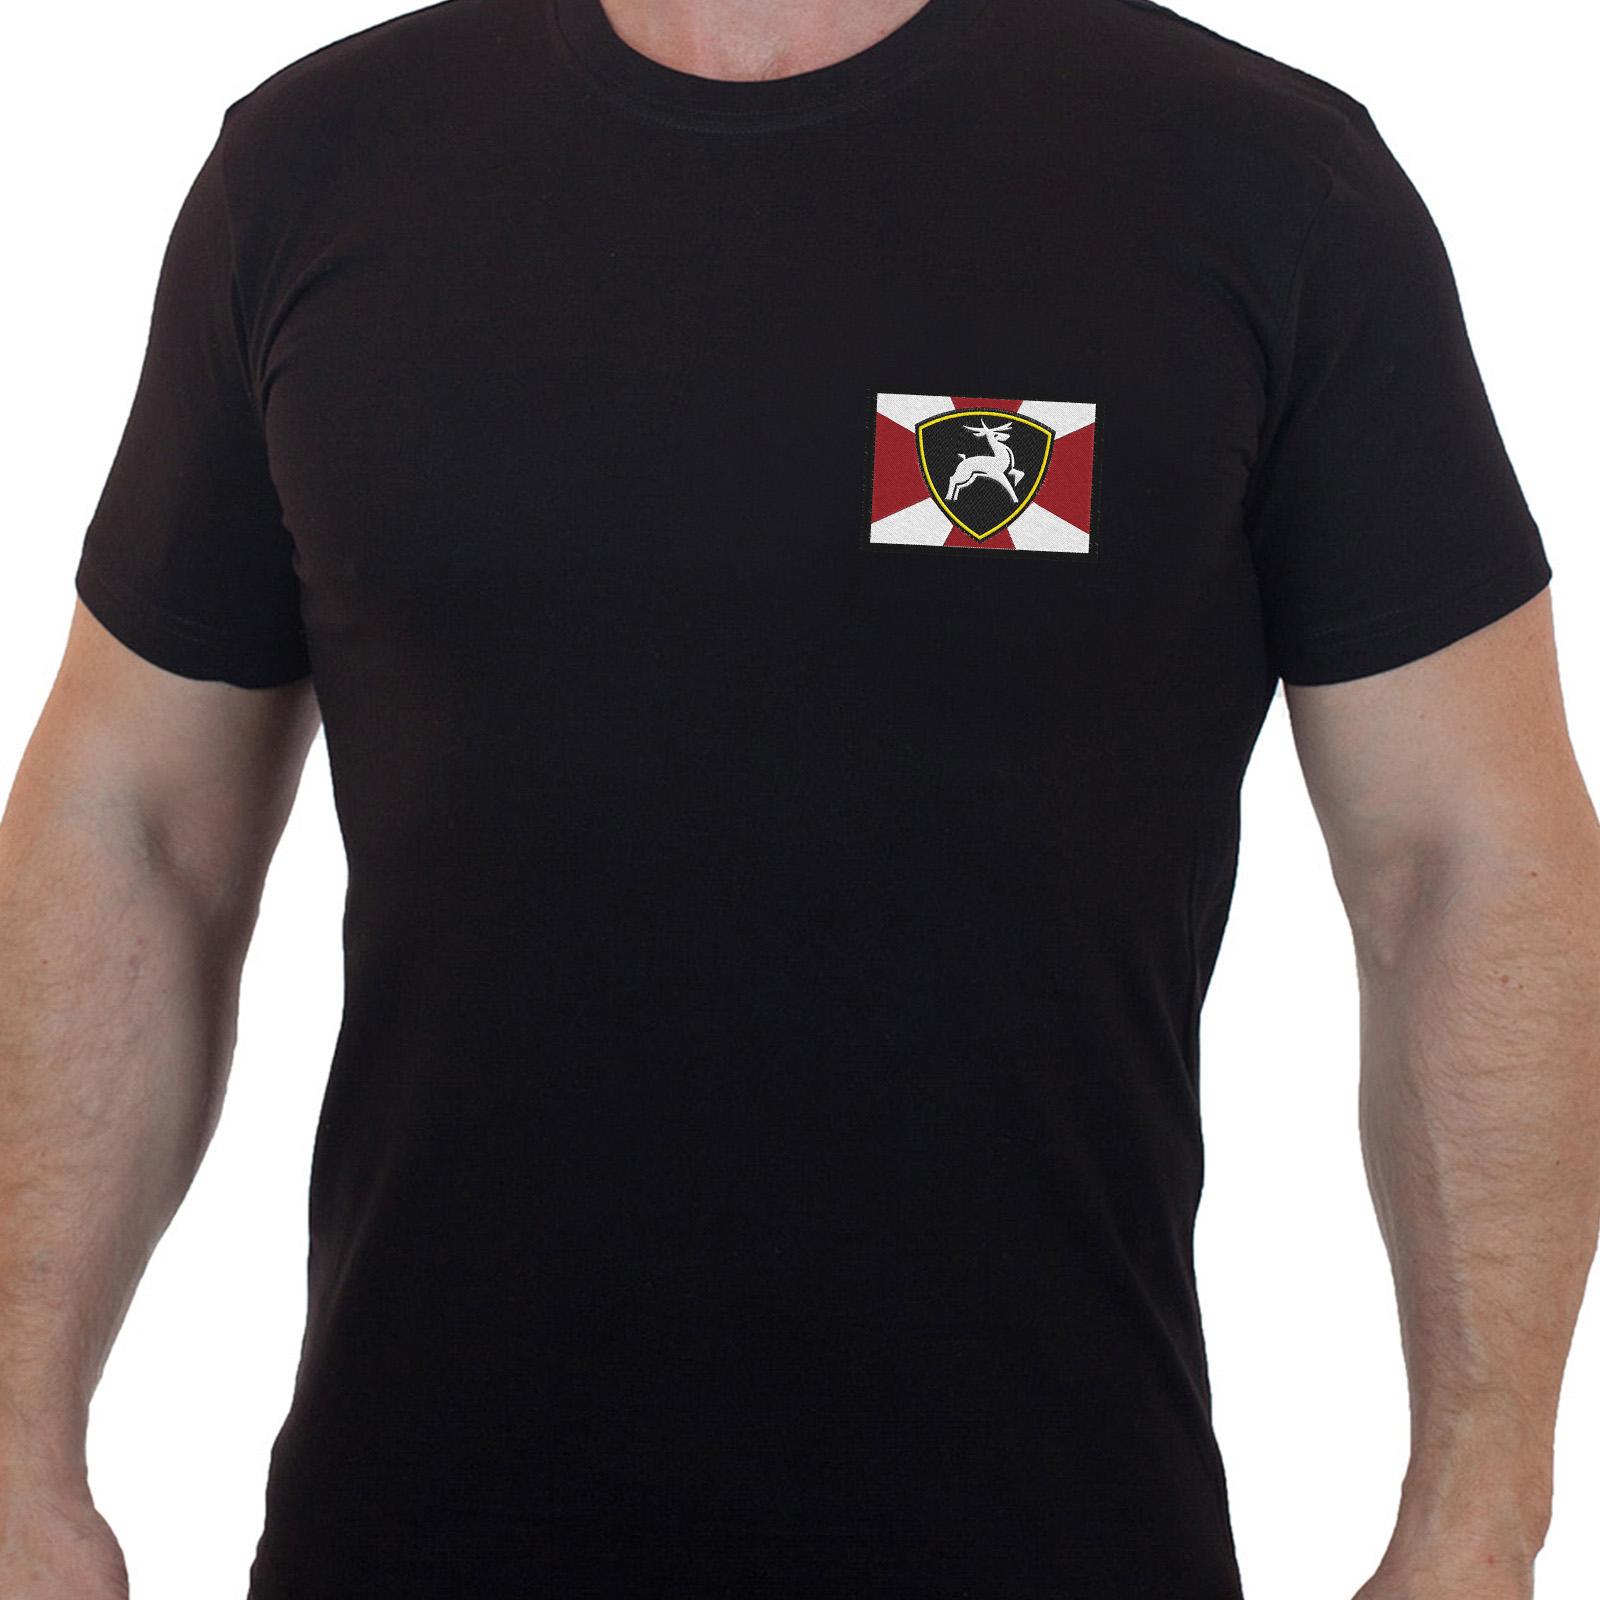 Лаконичная футболка с вышитым шевроном Приволжский округ МВД